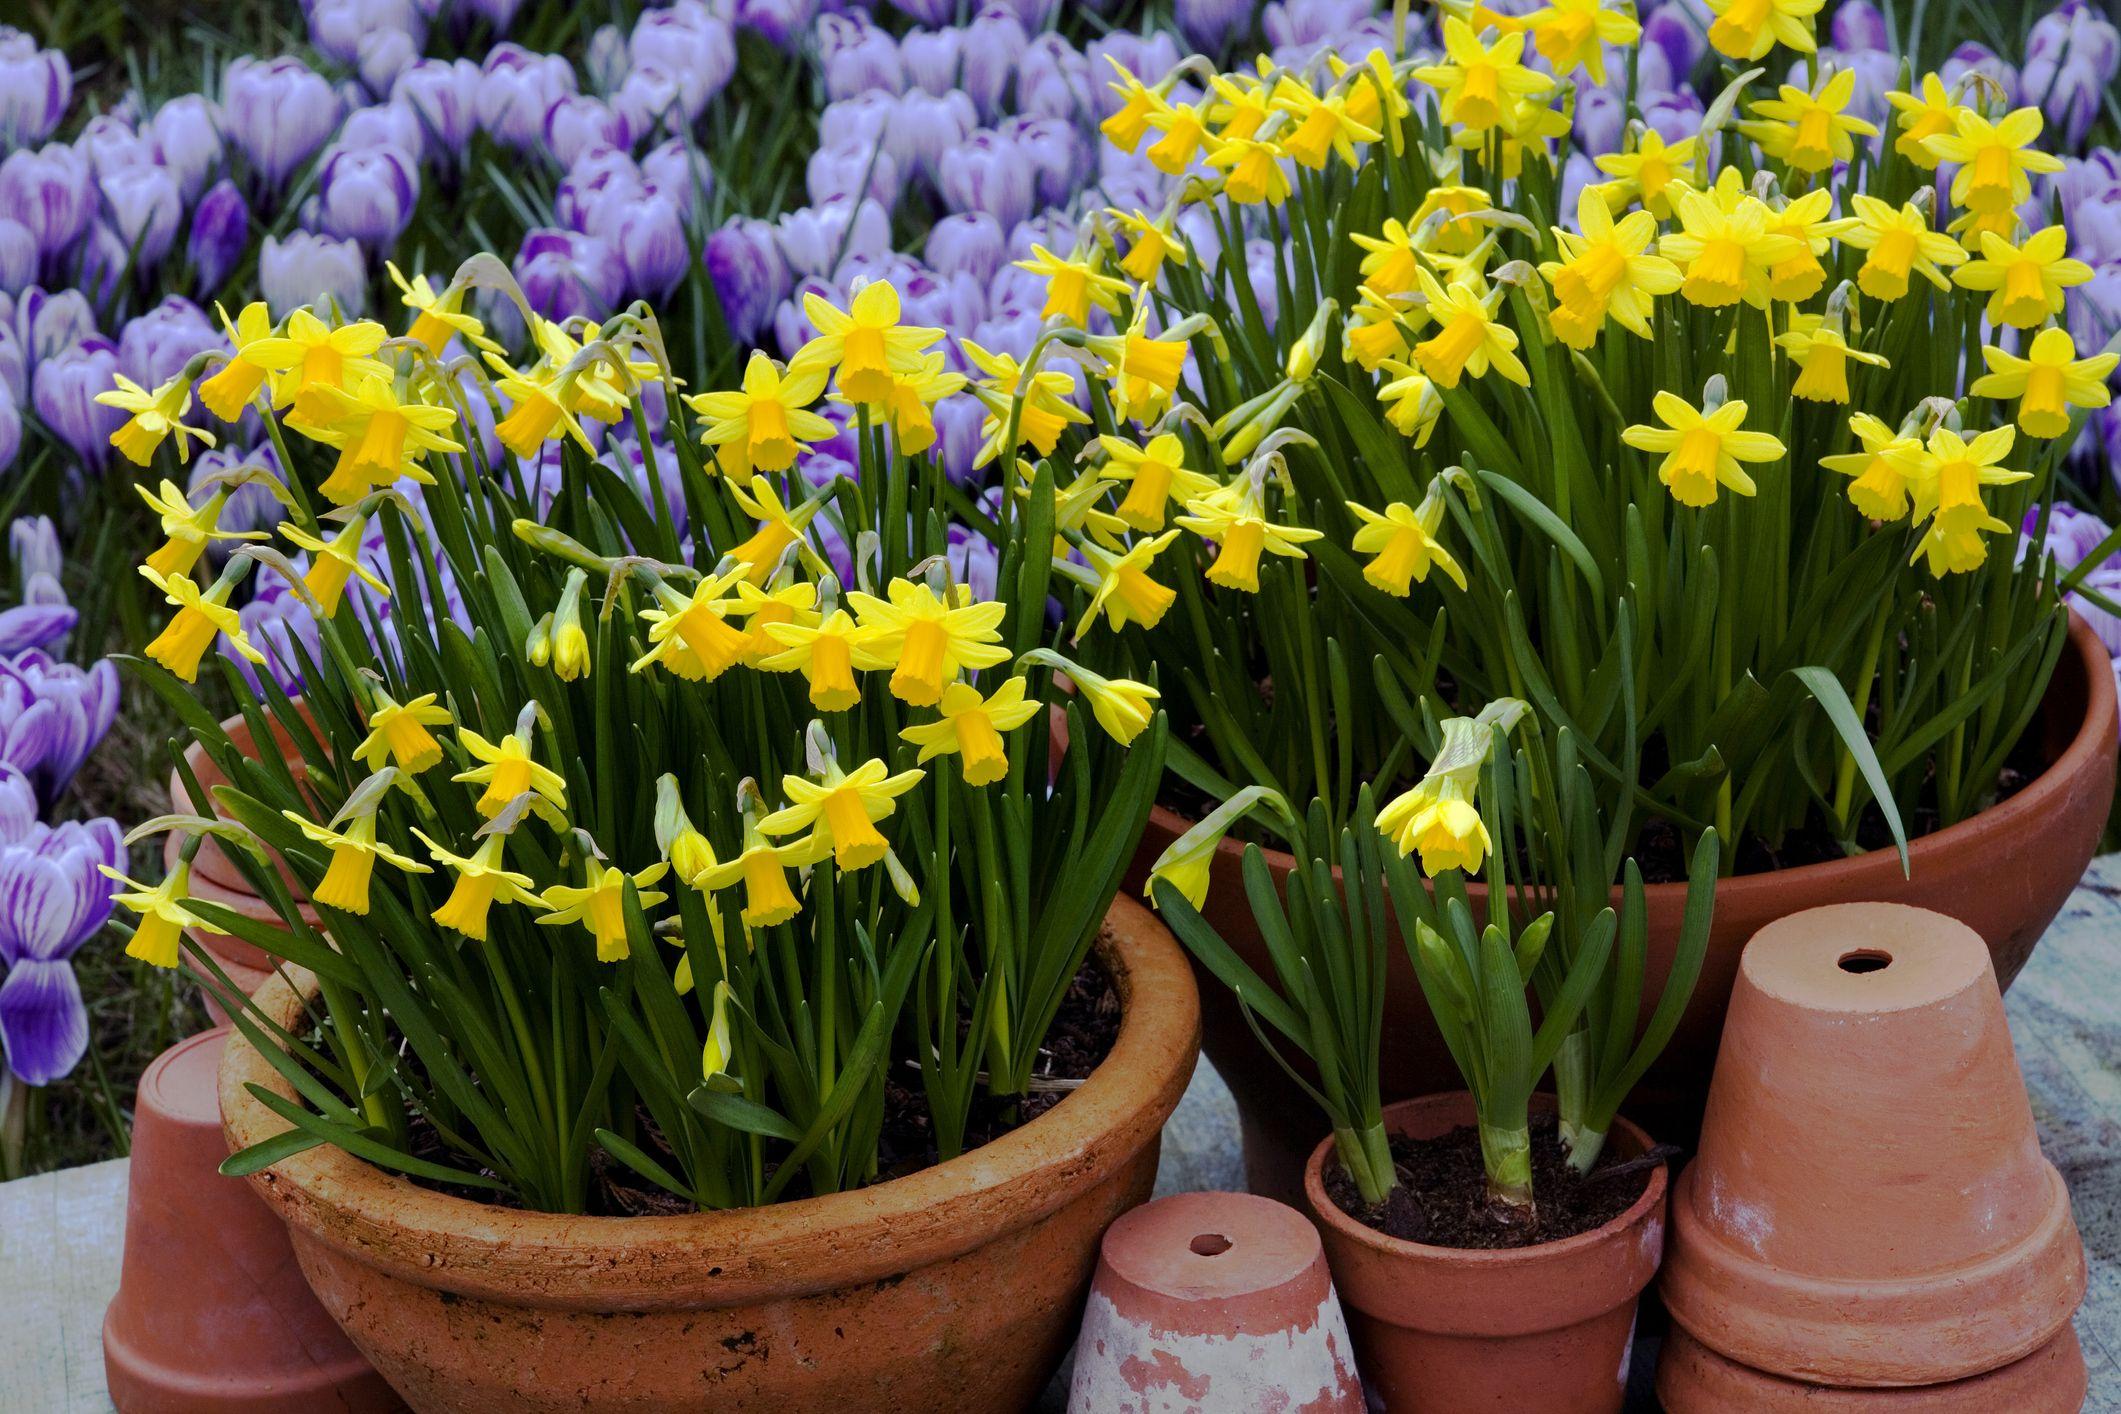 Gardening in autumn: The best way to prepare your garden for next spring